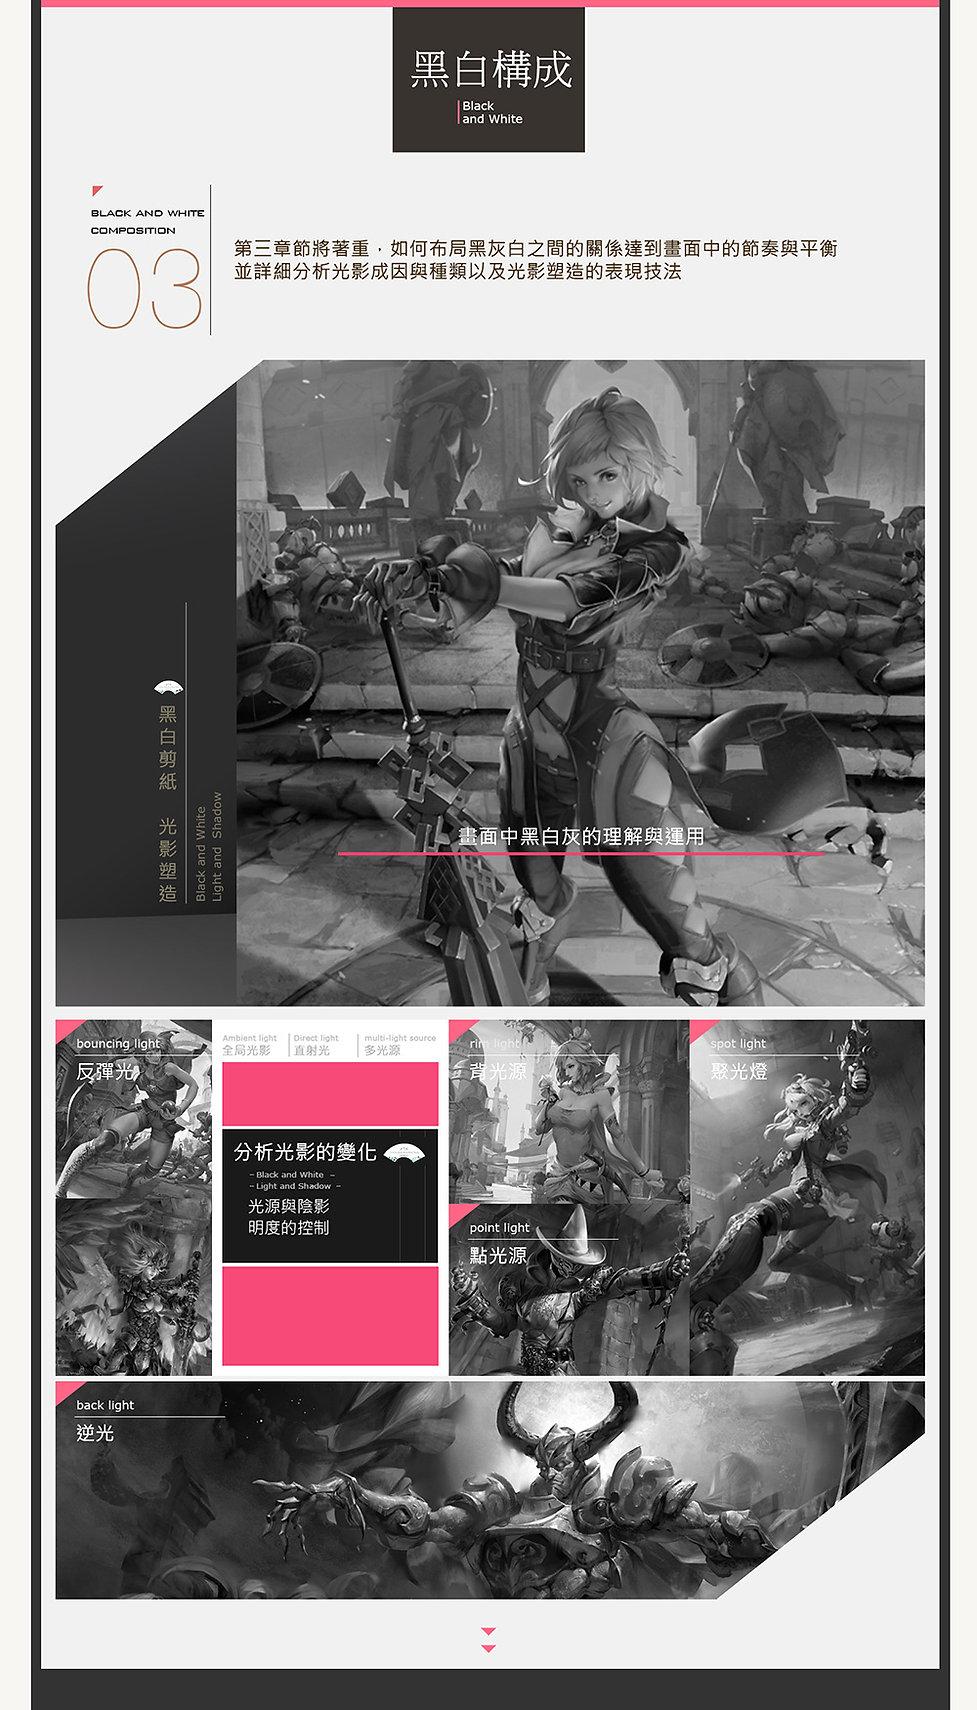 課程章節內容_03黑白構成-A.jpg